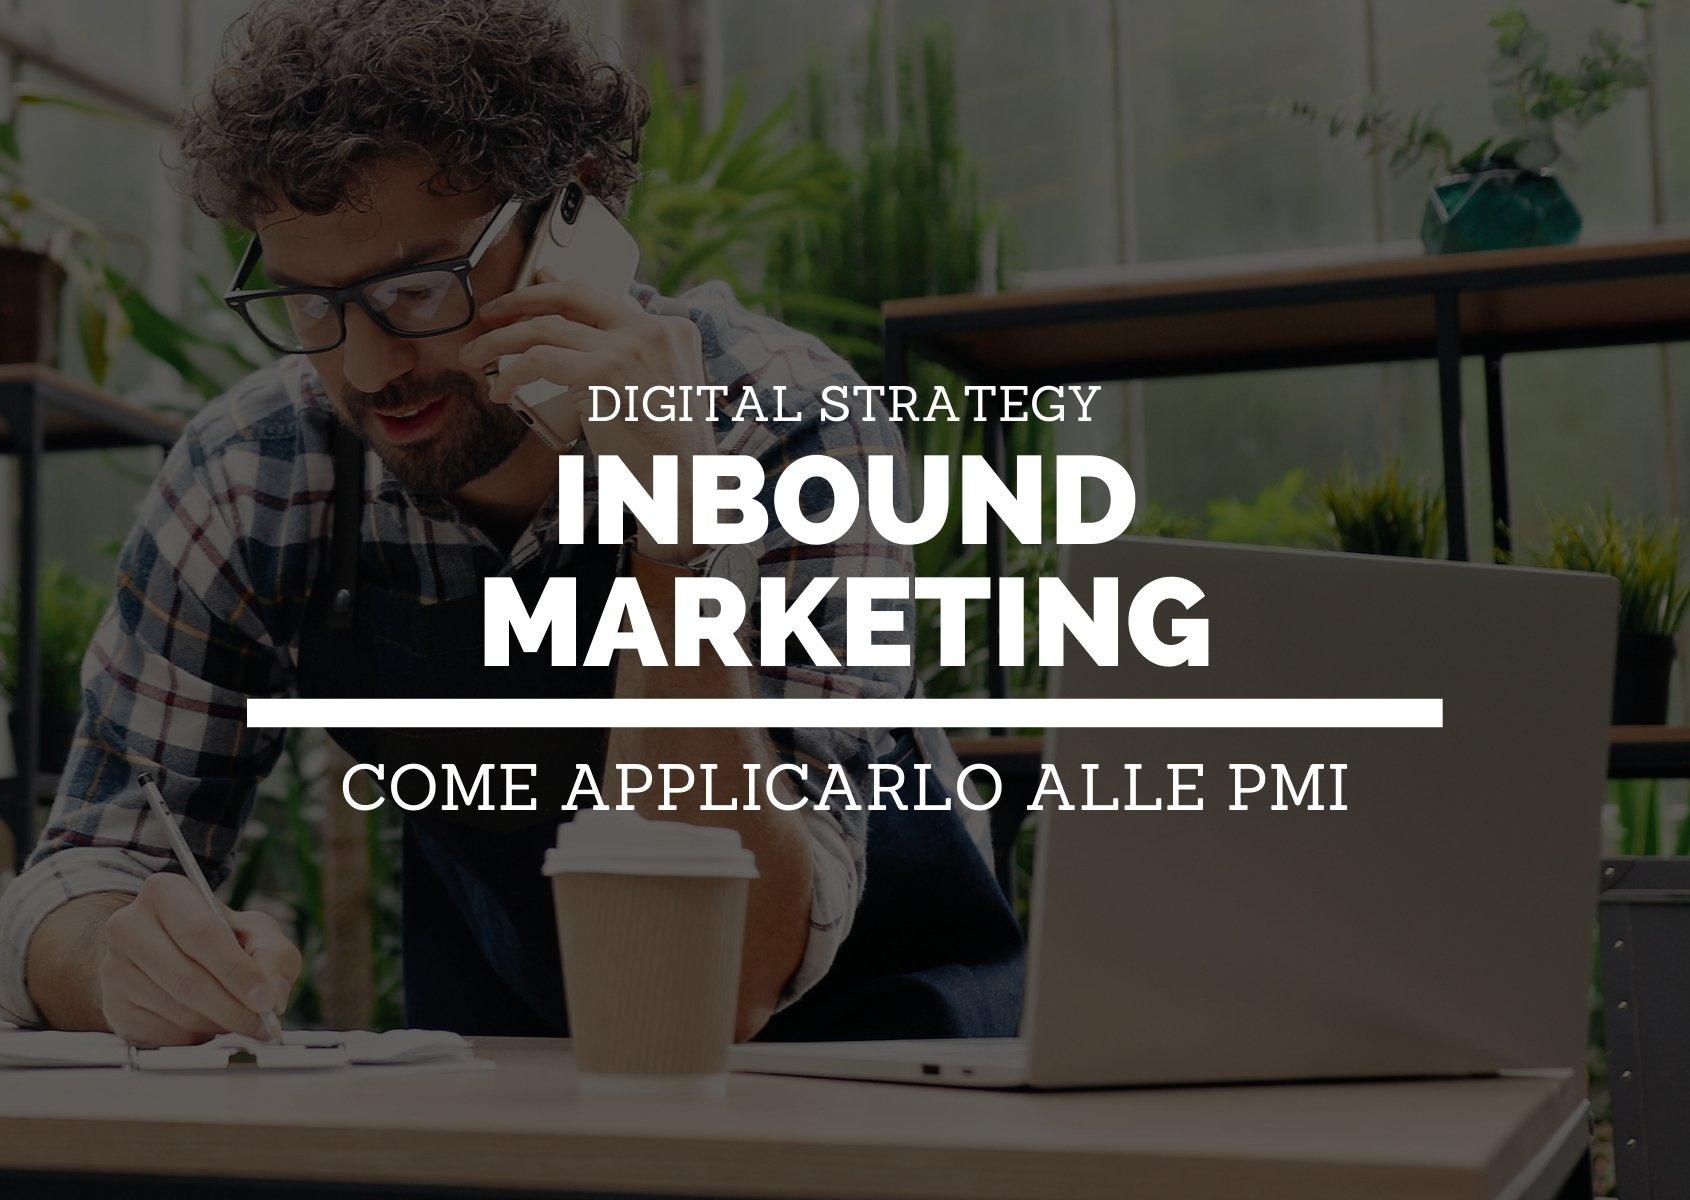 Inbound-pmi-applicazione-header